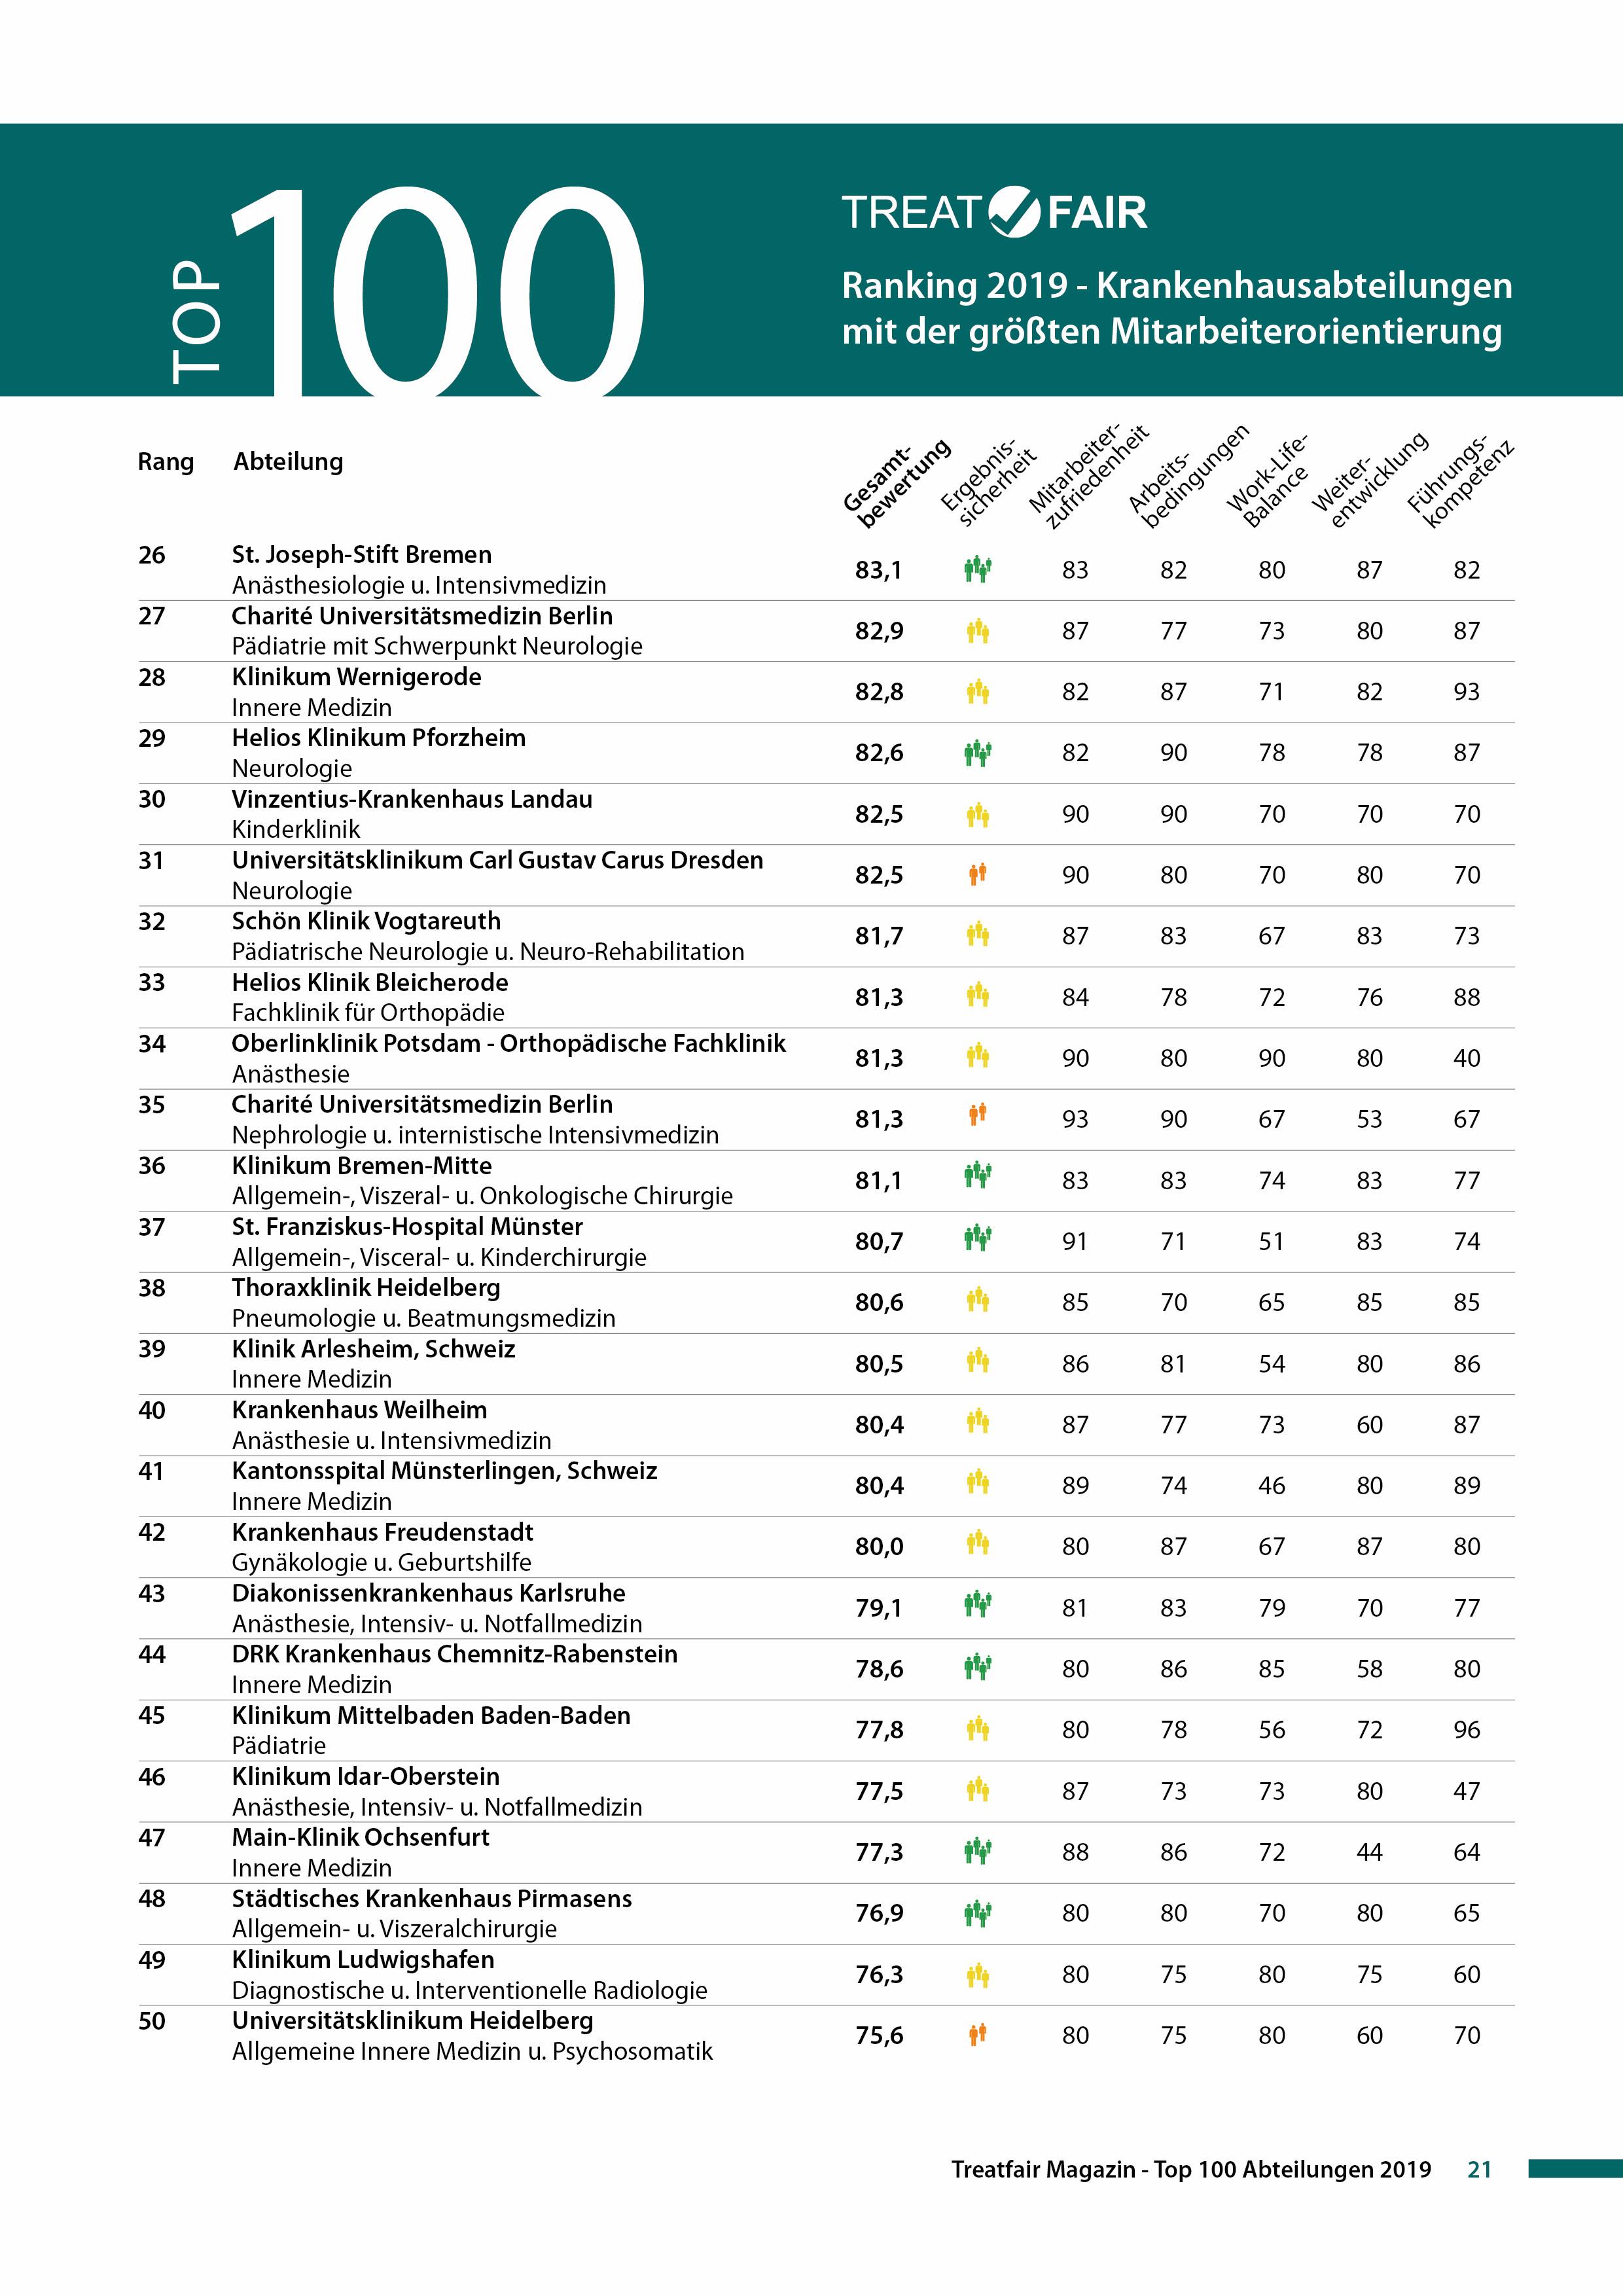 Treatfair Ranking 2019 Top 100 Seite 2.jpg